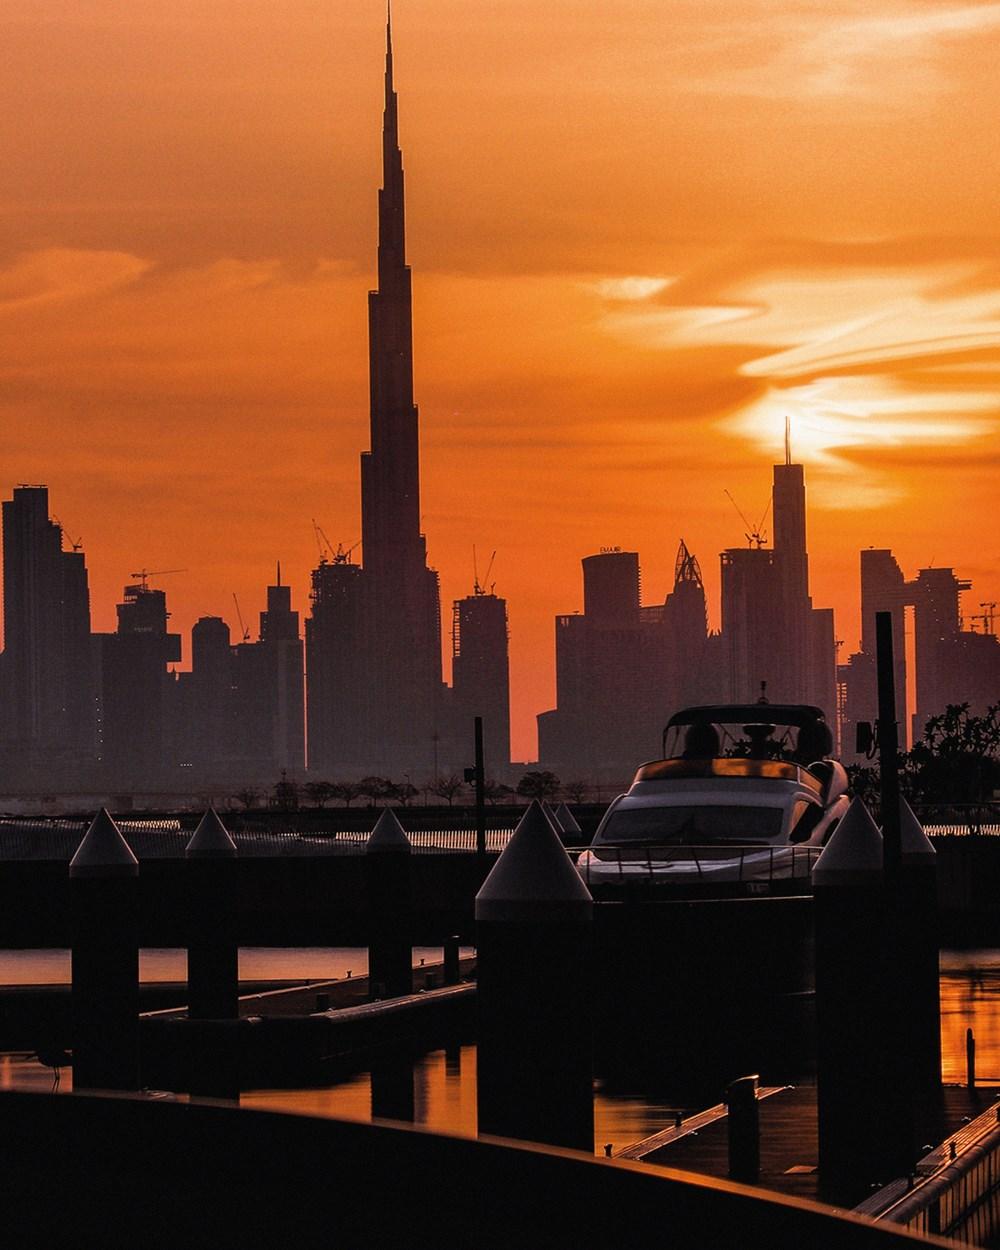 لحظة ساحرة لمدينة دبي في وقت الغروب                 تصوير: ميثاء عبدالله الرميثي                 maitha_ams